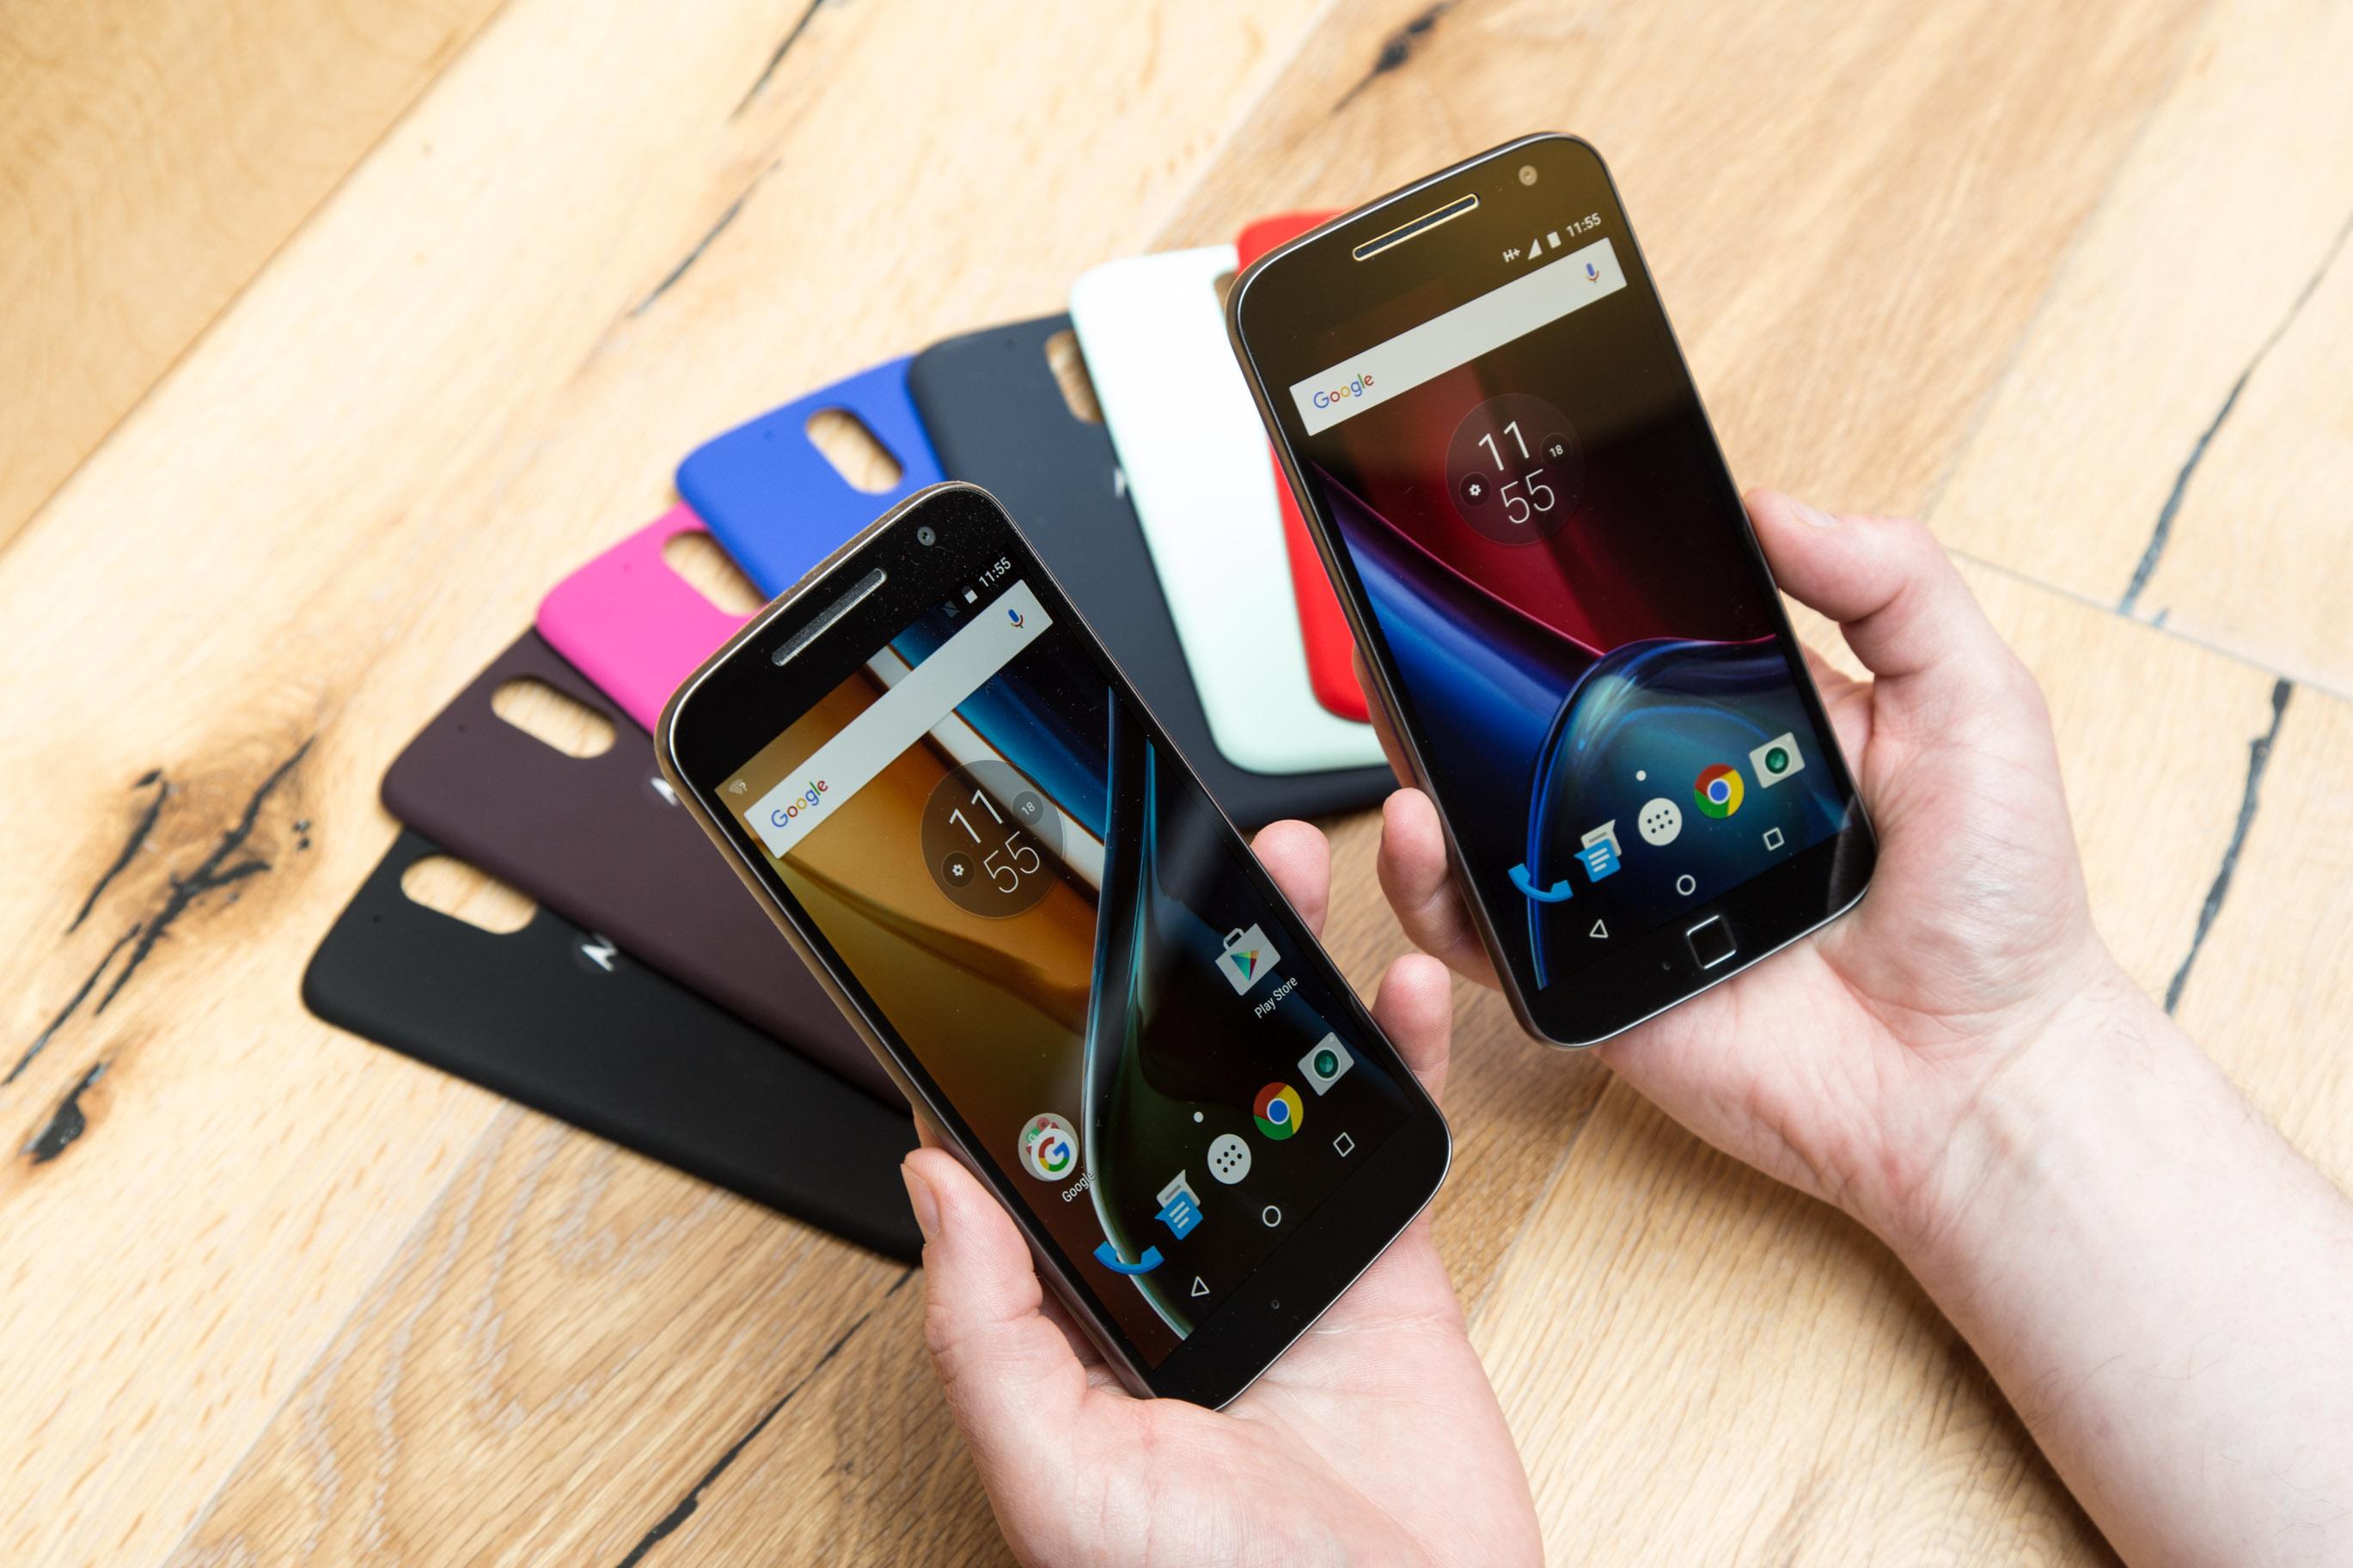 Moto G4 Plus im Hands on: Lenovos sonderbare Entscheidung - Links das Moto G4, rechts das Moto G4 Plus (Bild: Martin Wolf/Golem.de)